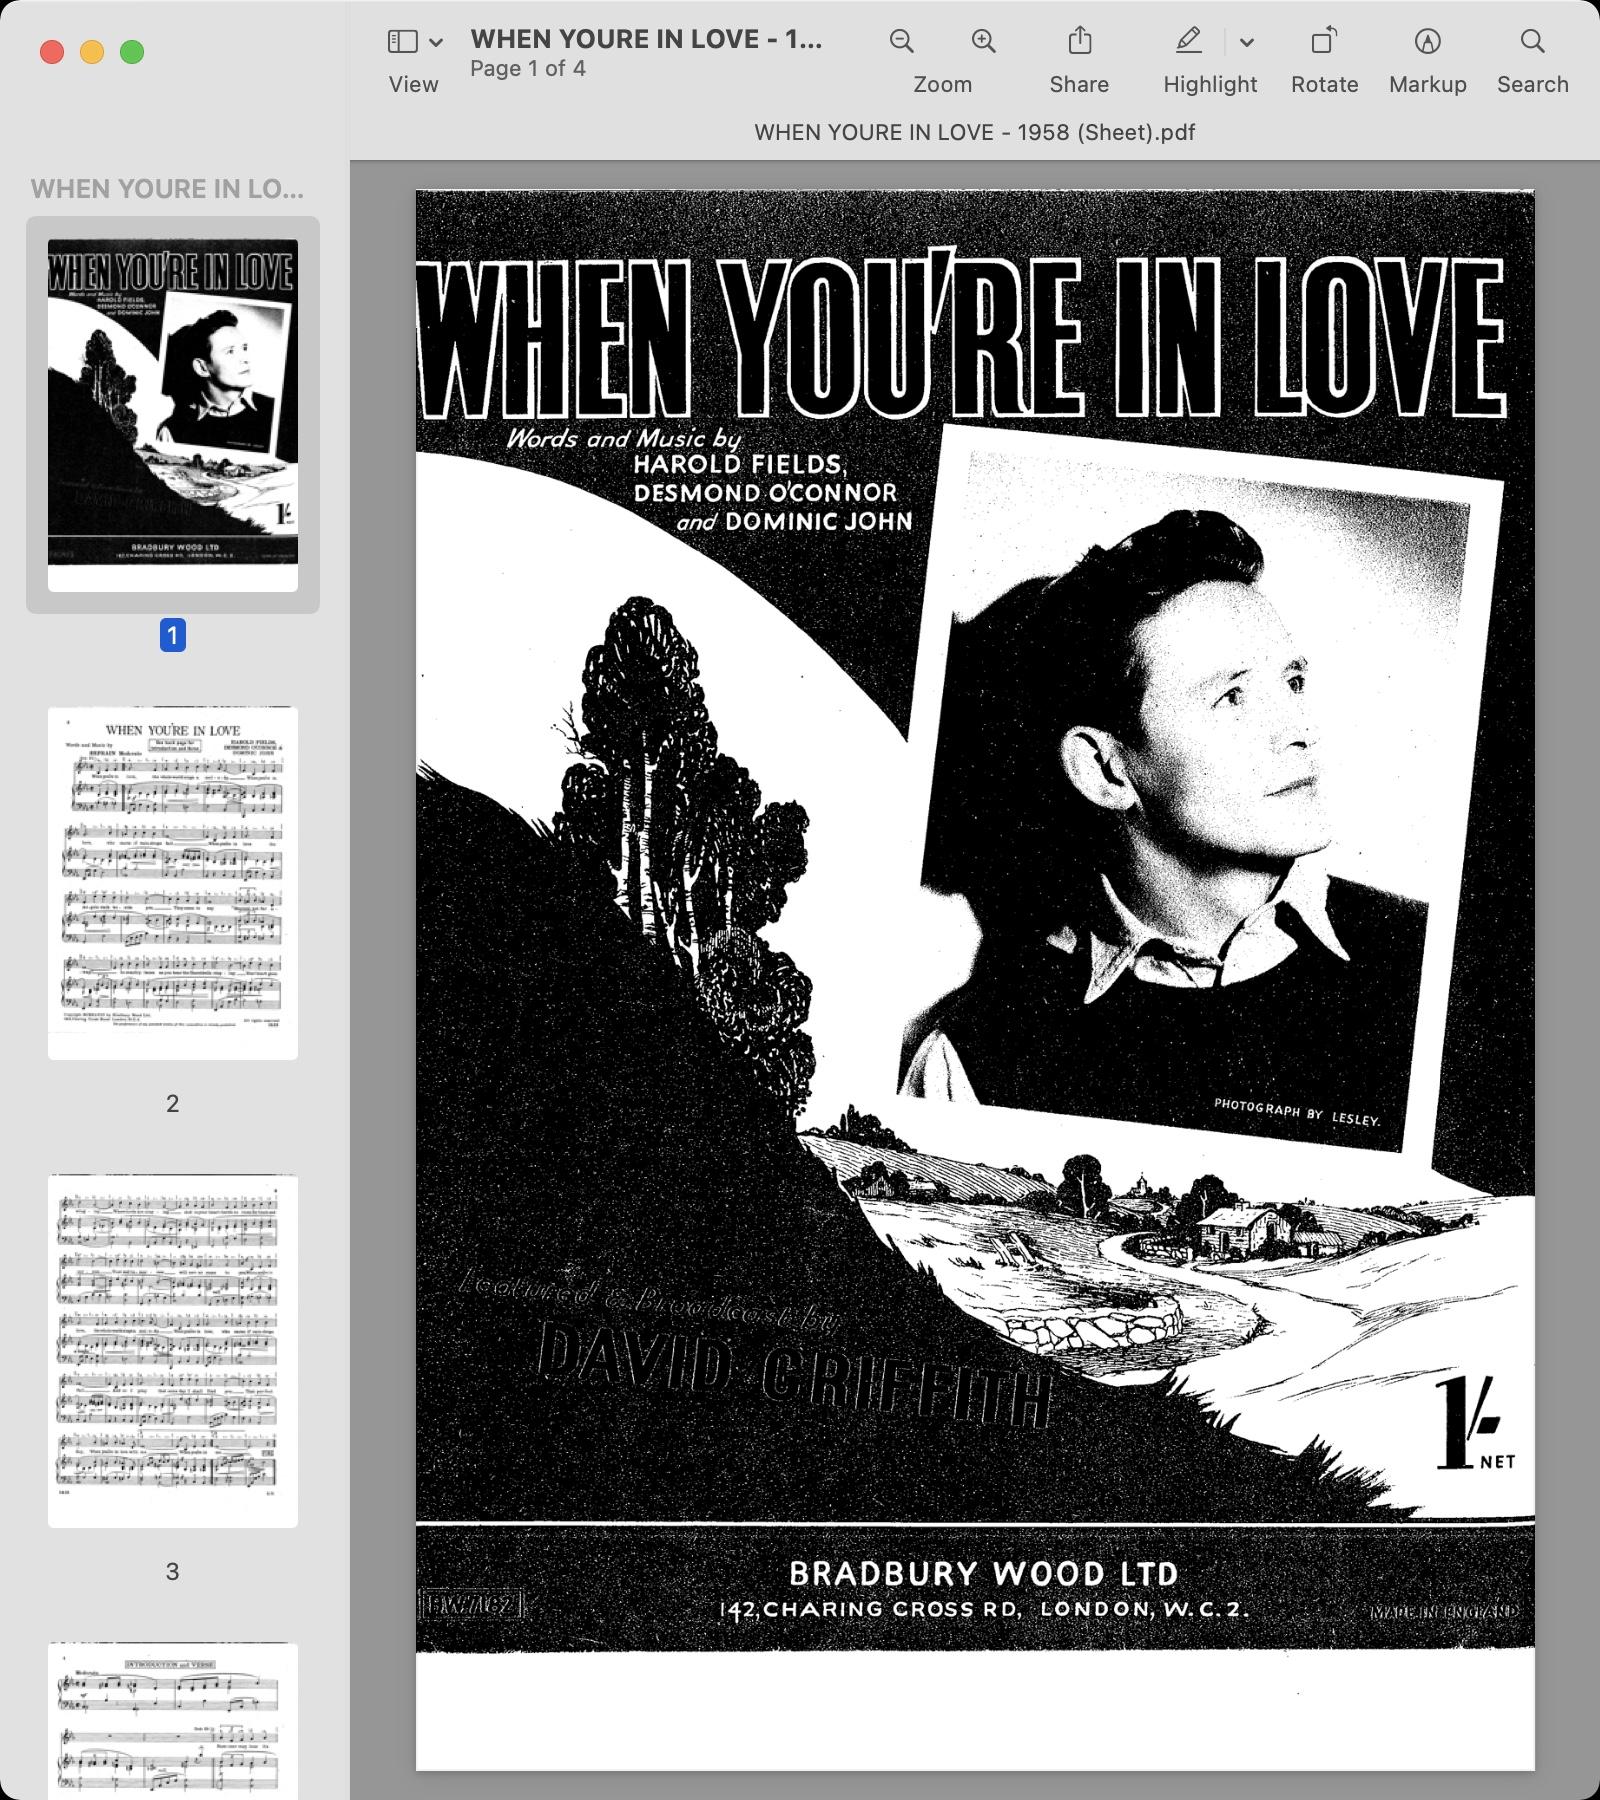 WHEN YOURE IN LOVE - 1958 (Sheet).jpg